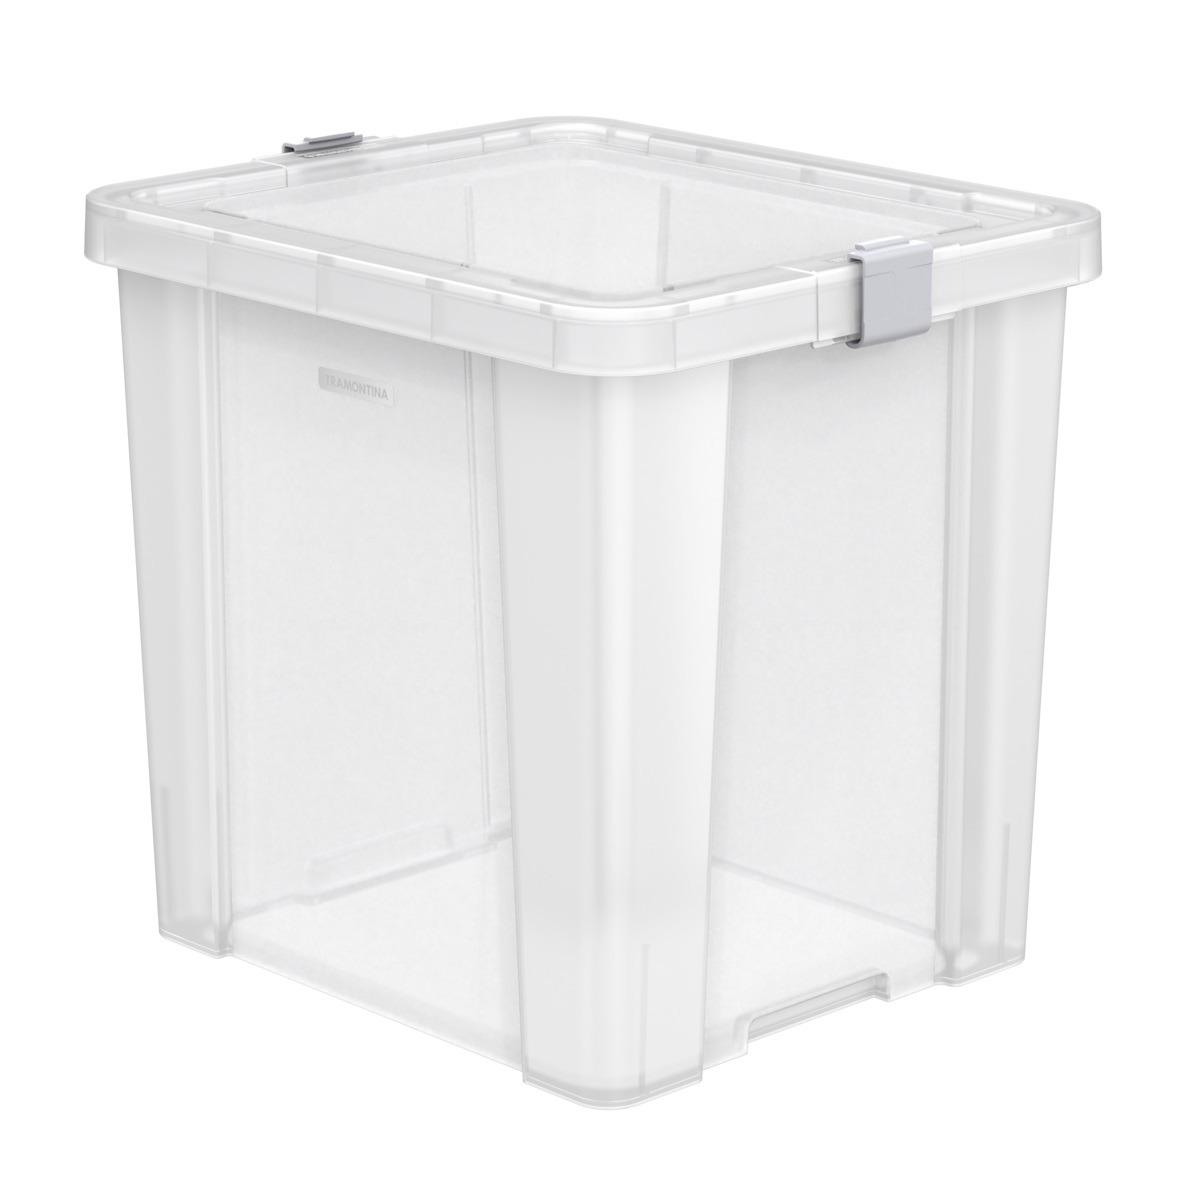 Caixa Organizadora Tramontina Retangular 420L Transparente - 92552711